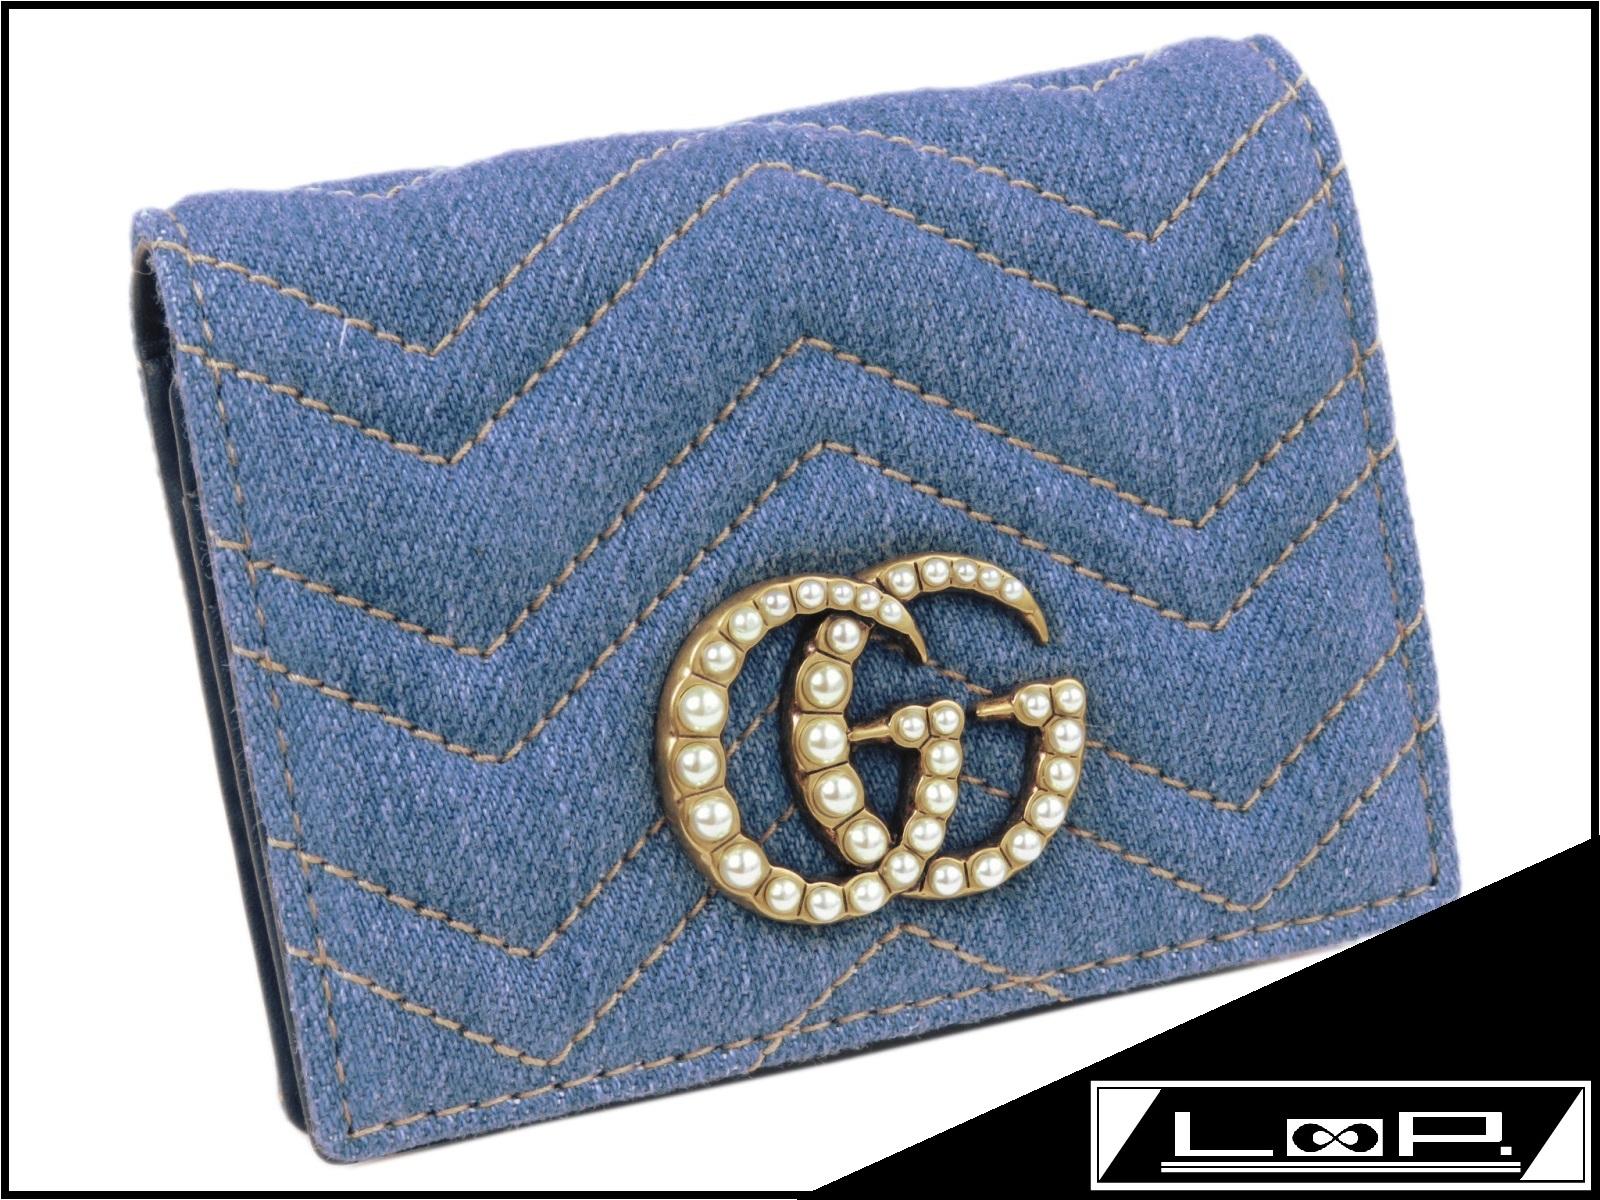 fe378f95c6e7 【新同】GUCCIグッチGGマーモント二つ折り財布サイフデニムパールブルー水色466492